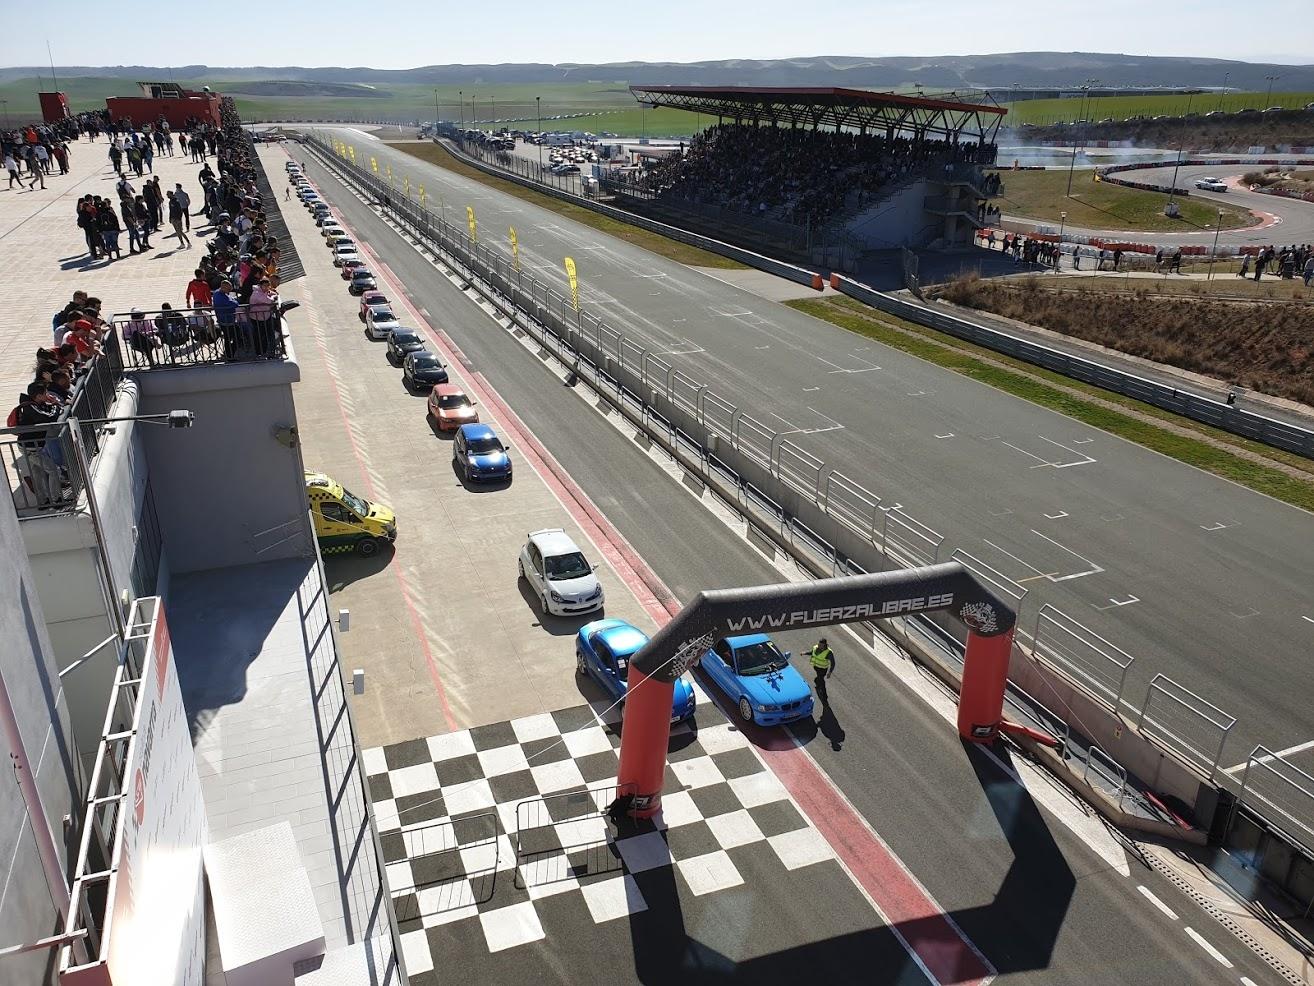 Circuito Los Arcos : El evento volrace reúne a personas en el circuito de